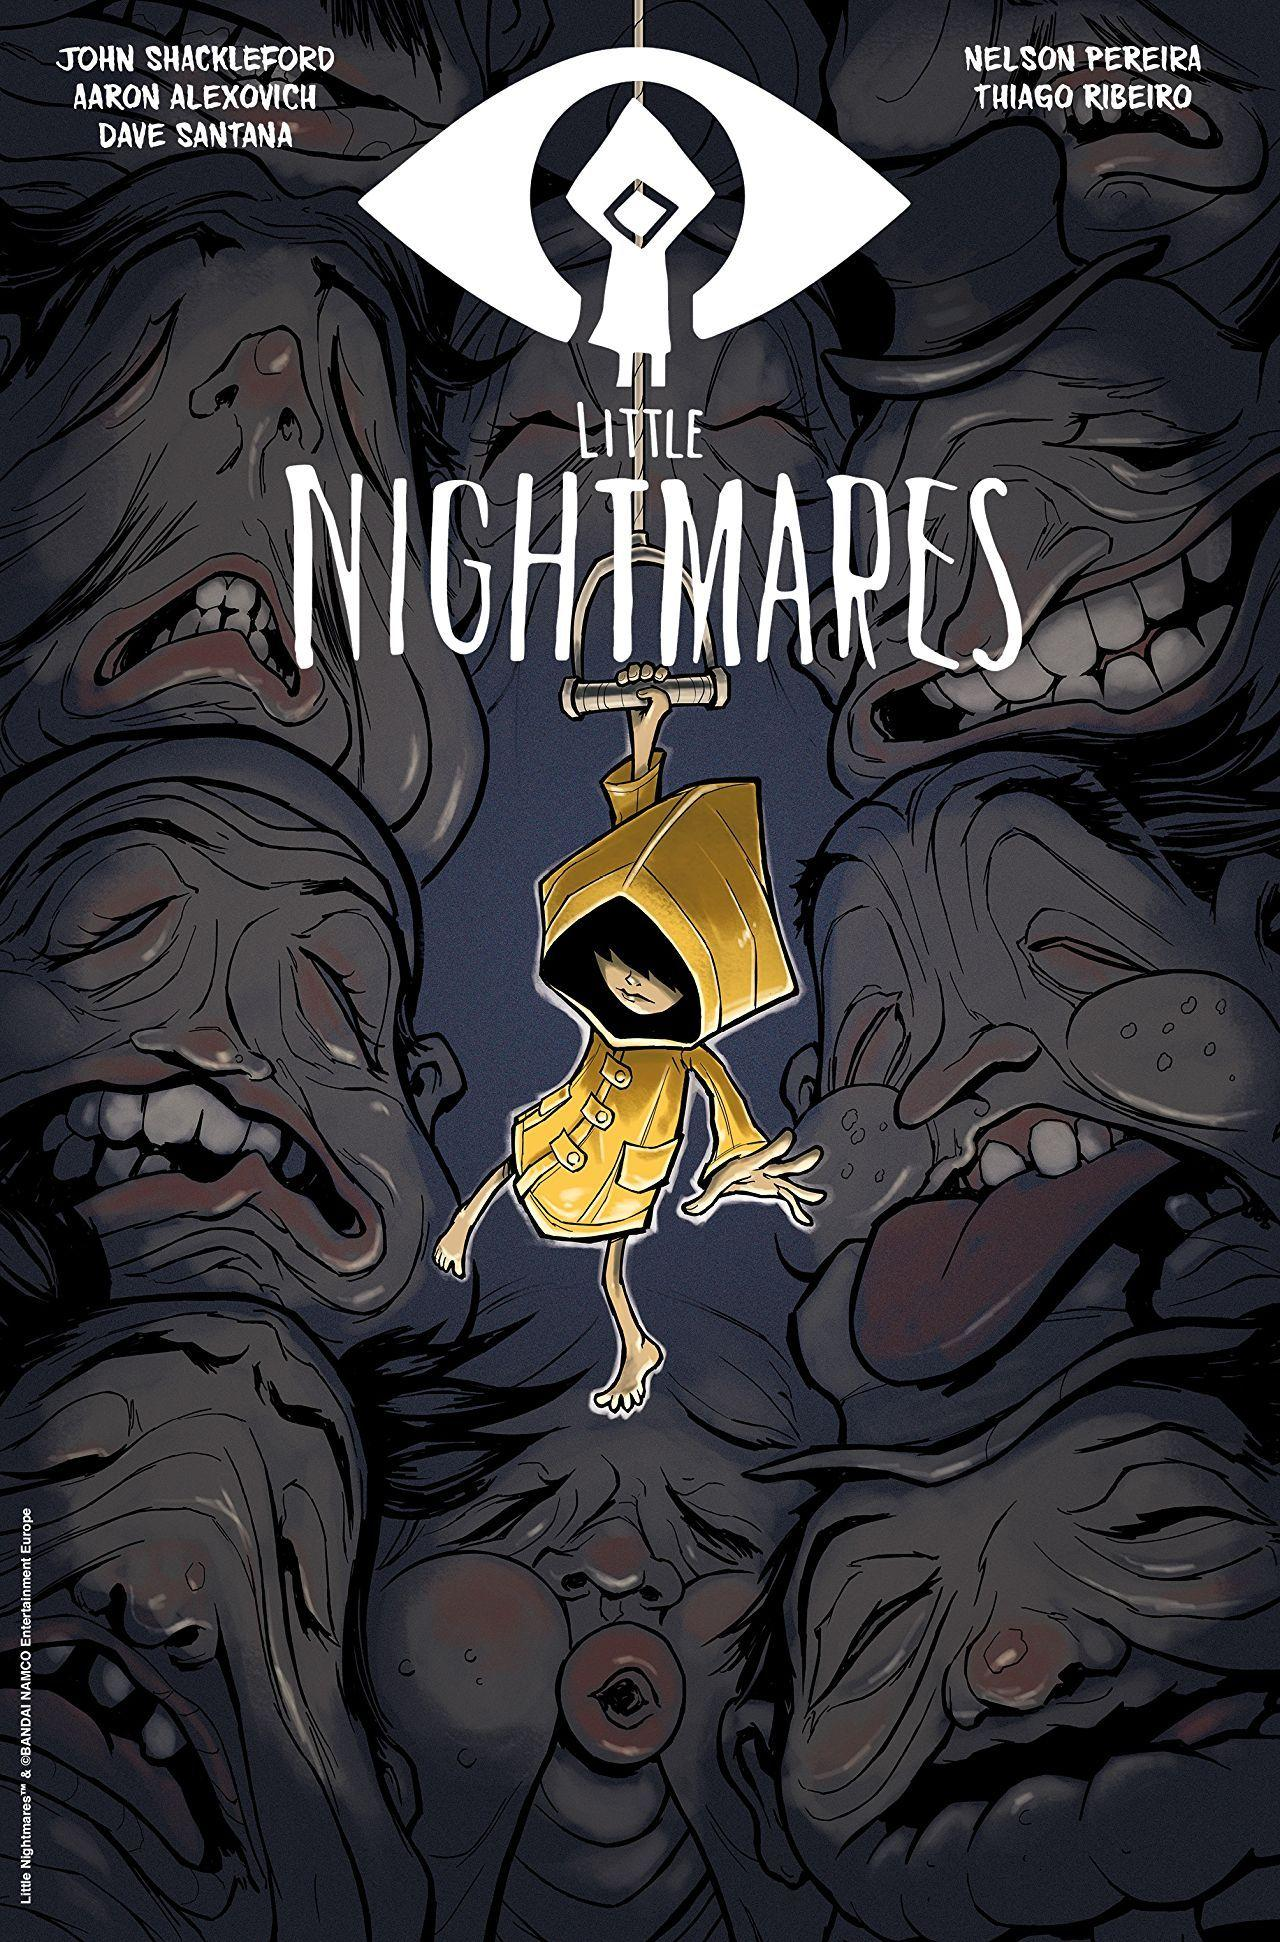 Little Nightmares Wallpapers - Wallpaper Cave